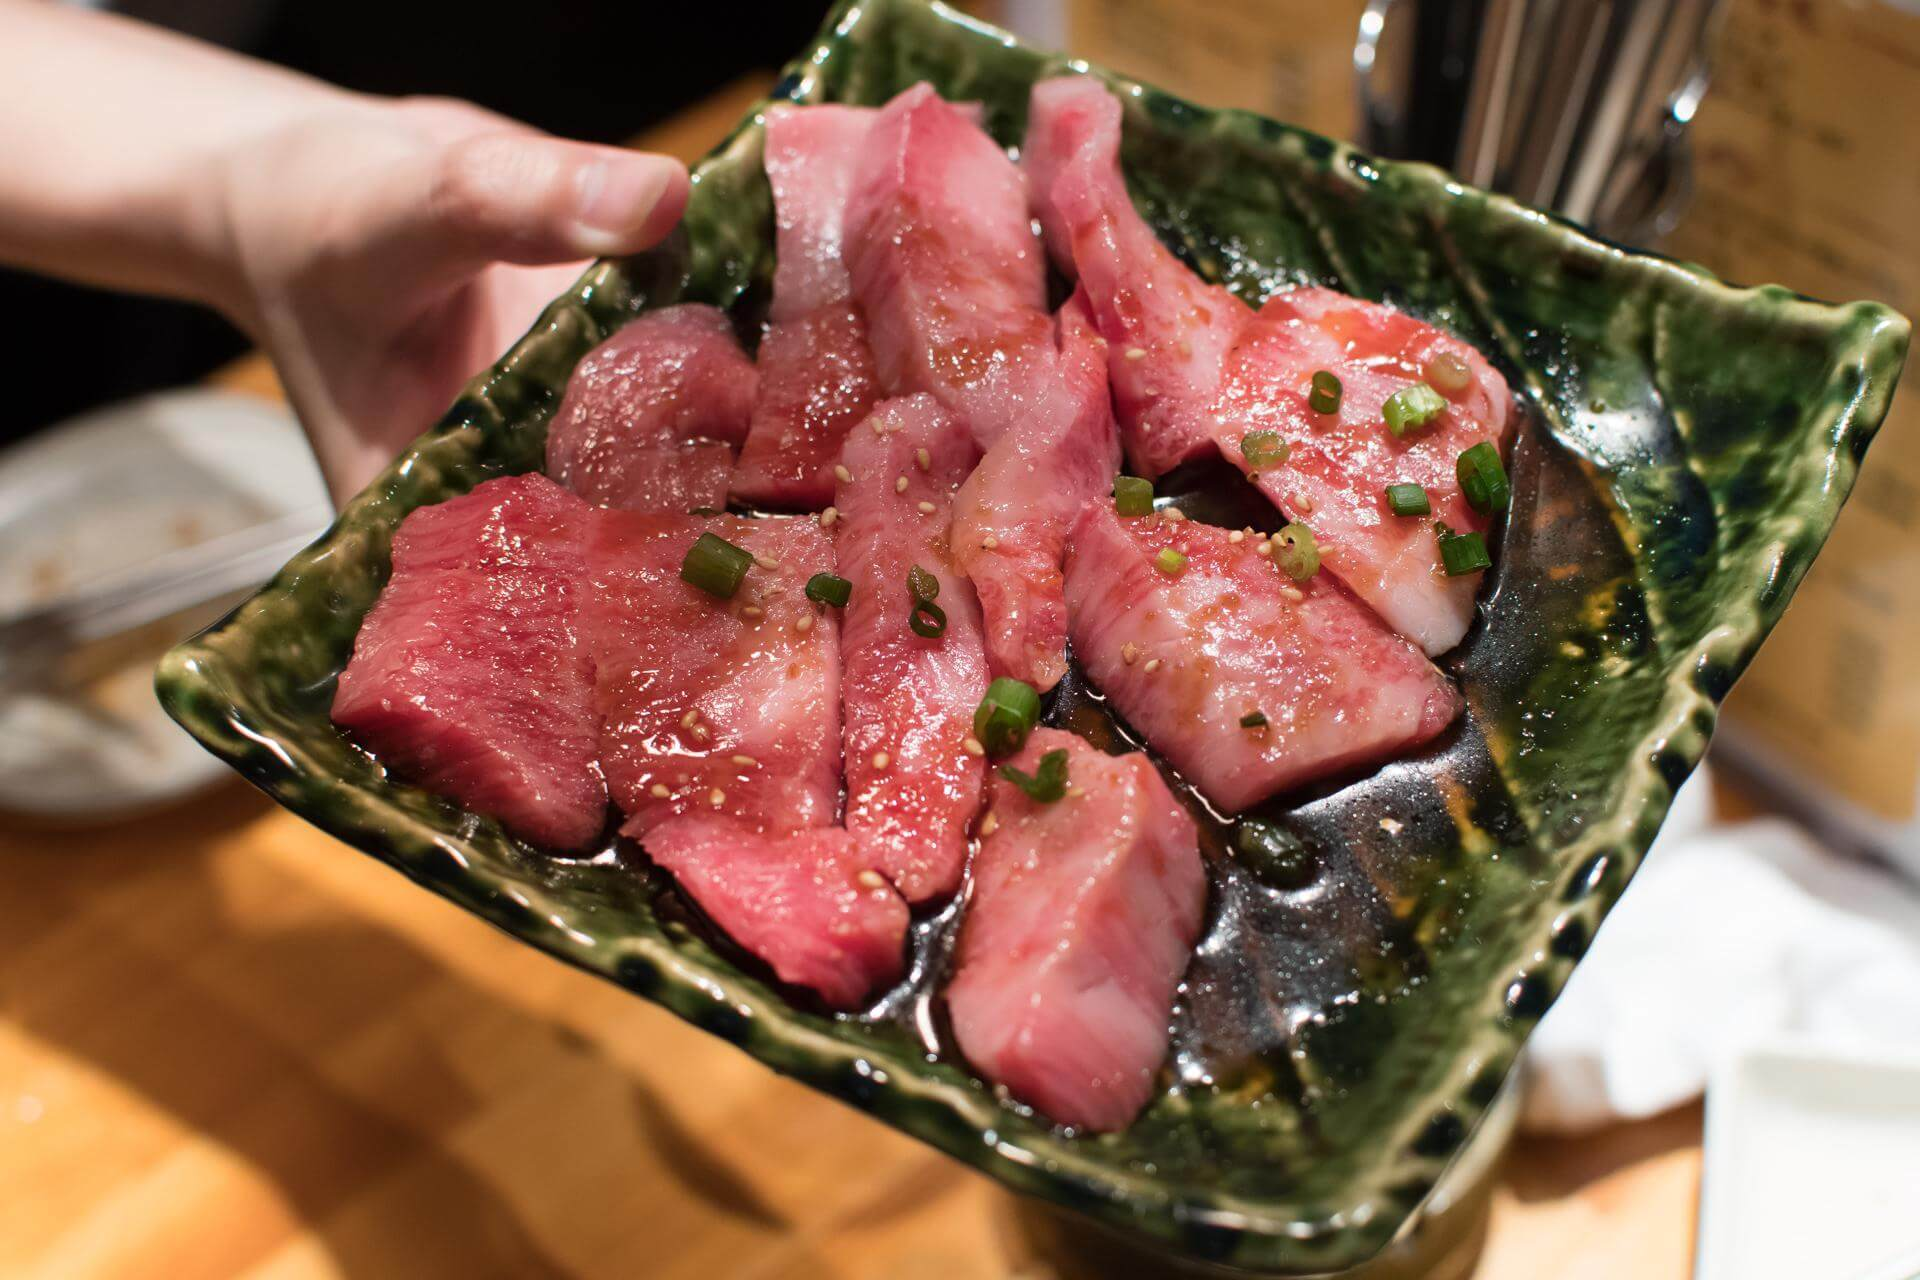 錦糸町とんつう スカイツリーハラミ でこ肉会